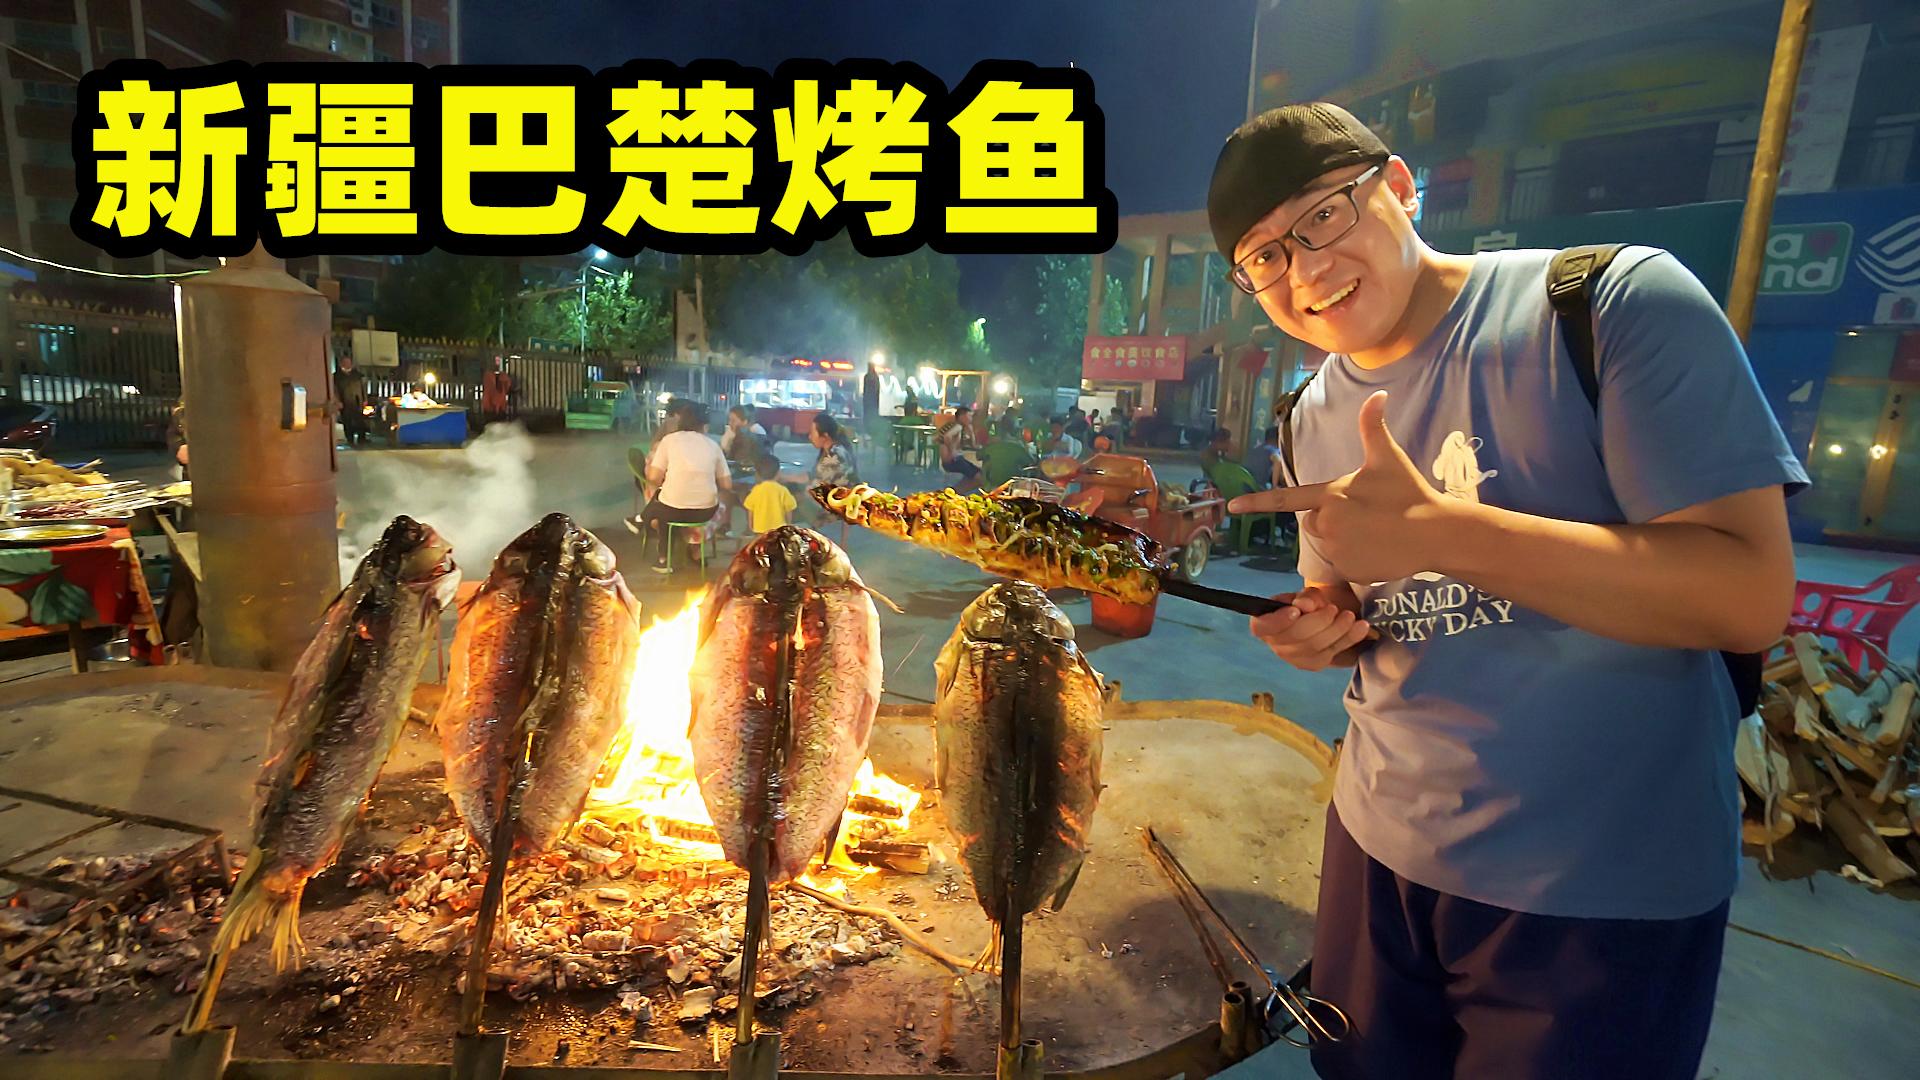 新疆只有羊肉?还有烤鱼,古法烘烤红海大鱼,80一条半只吃撑